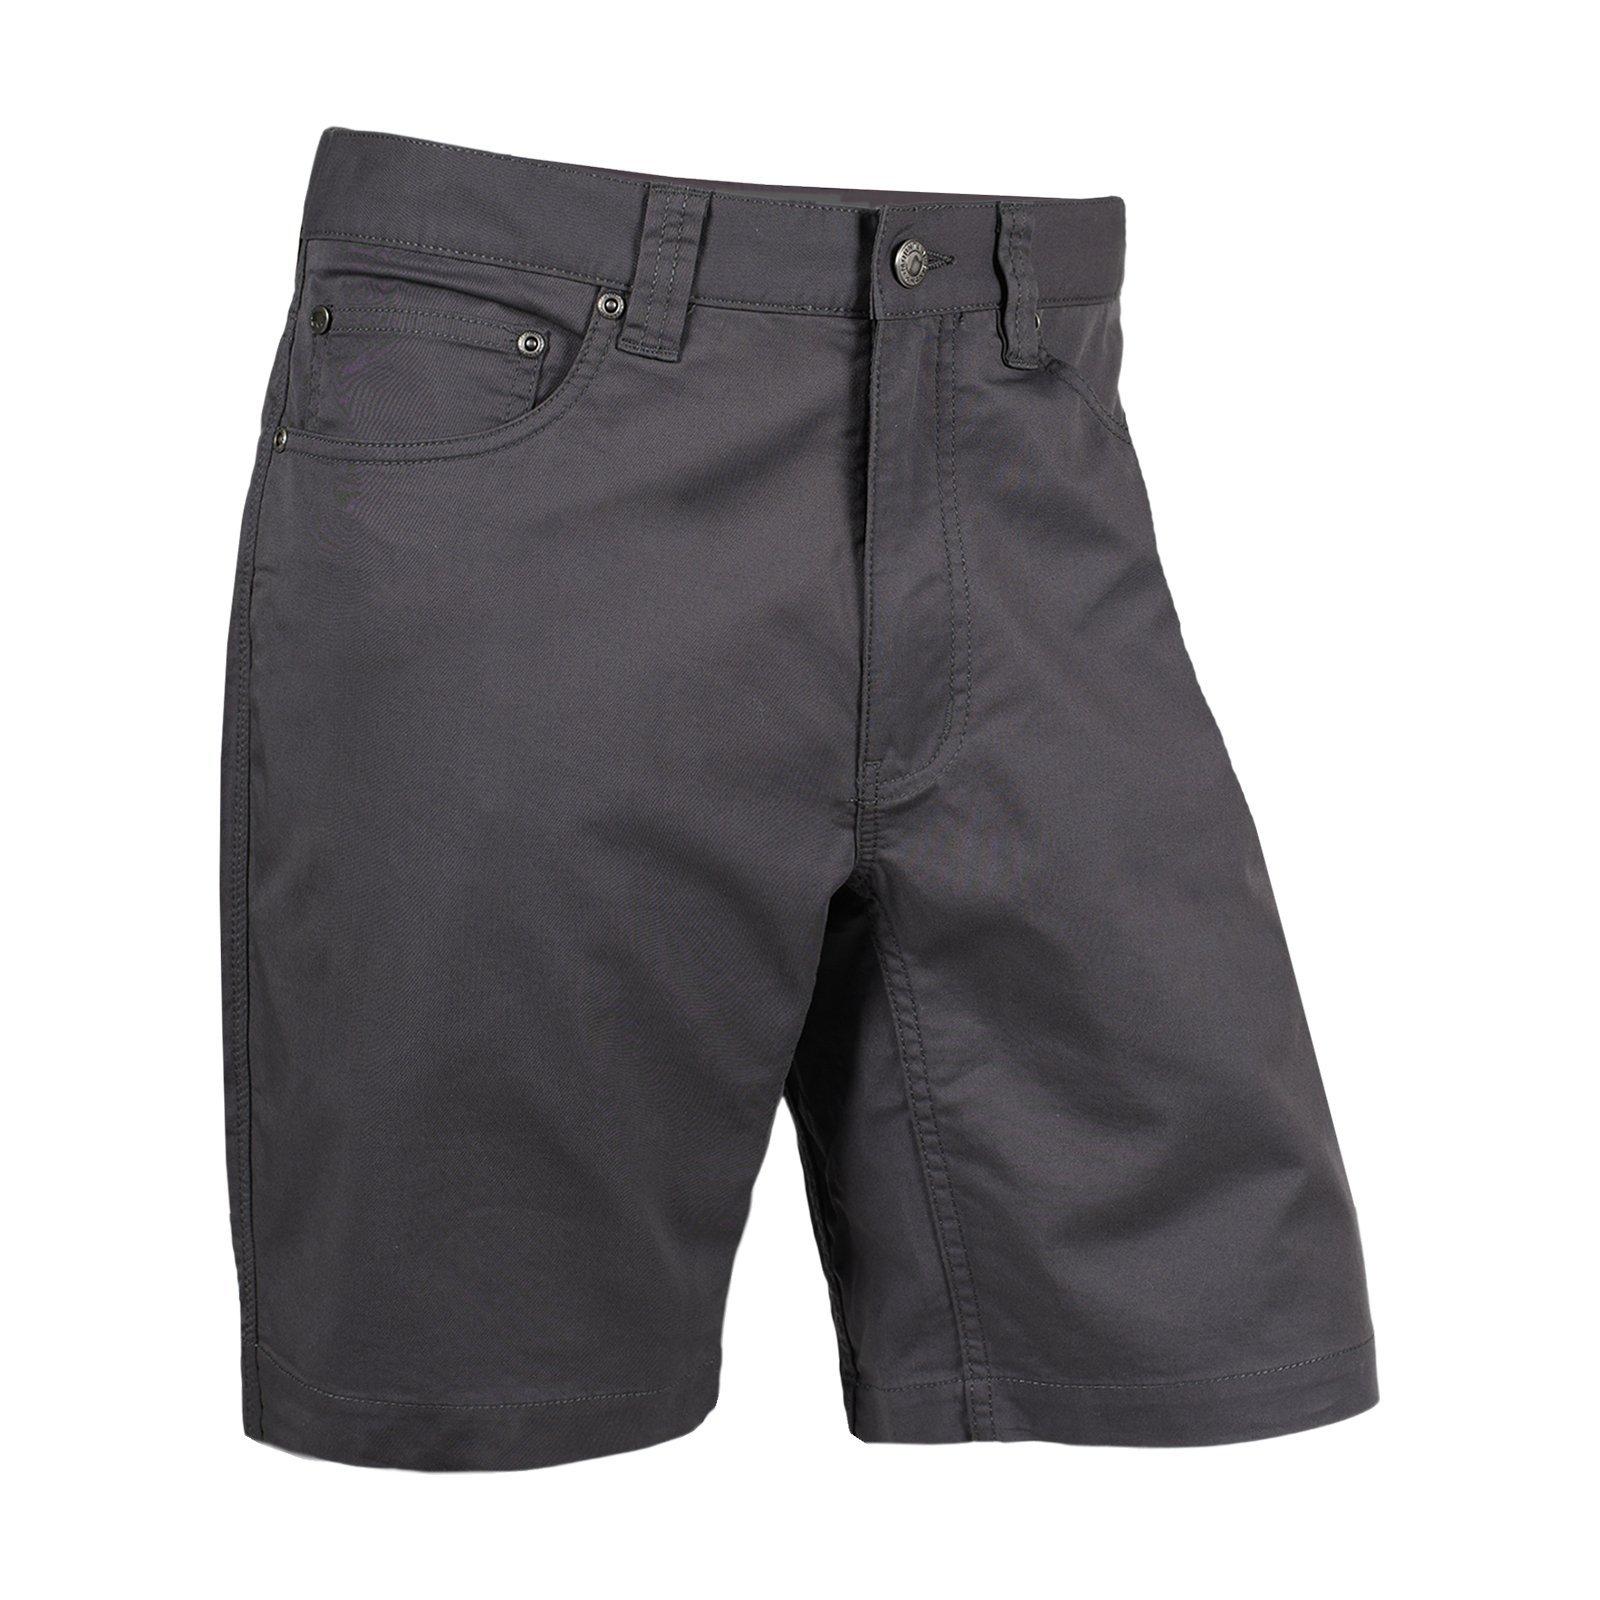 Mountain Khaki Lodo Shorts